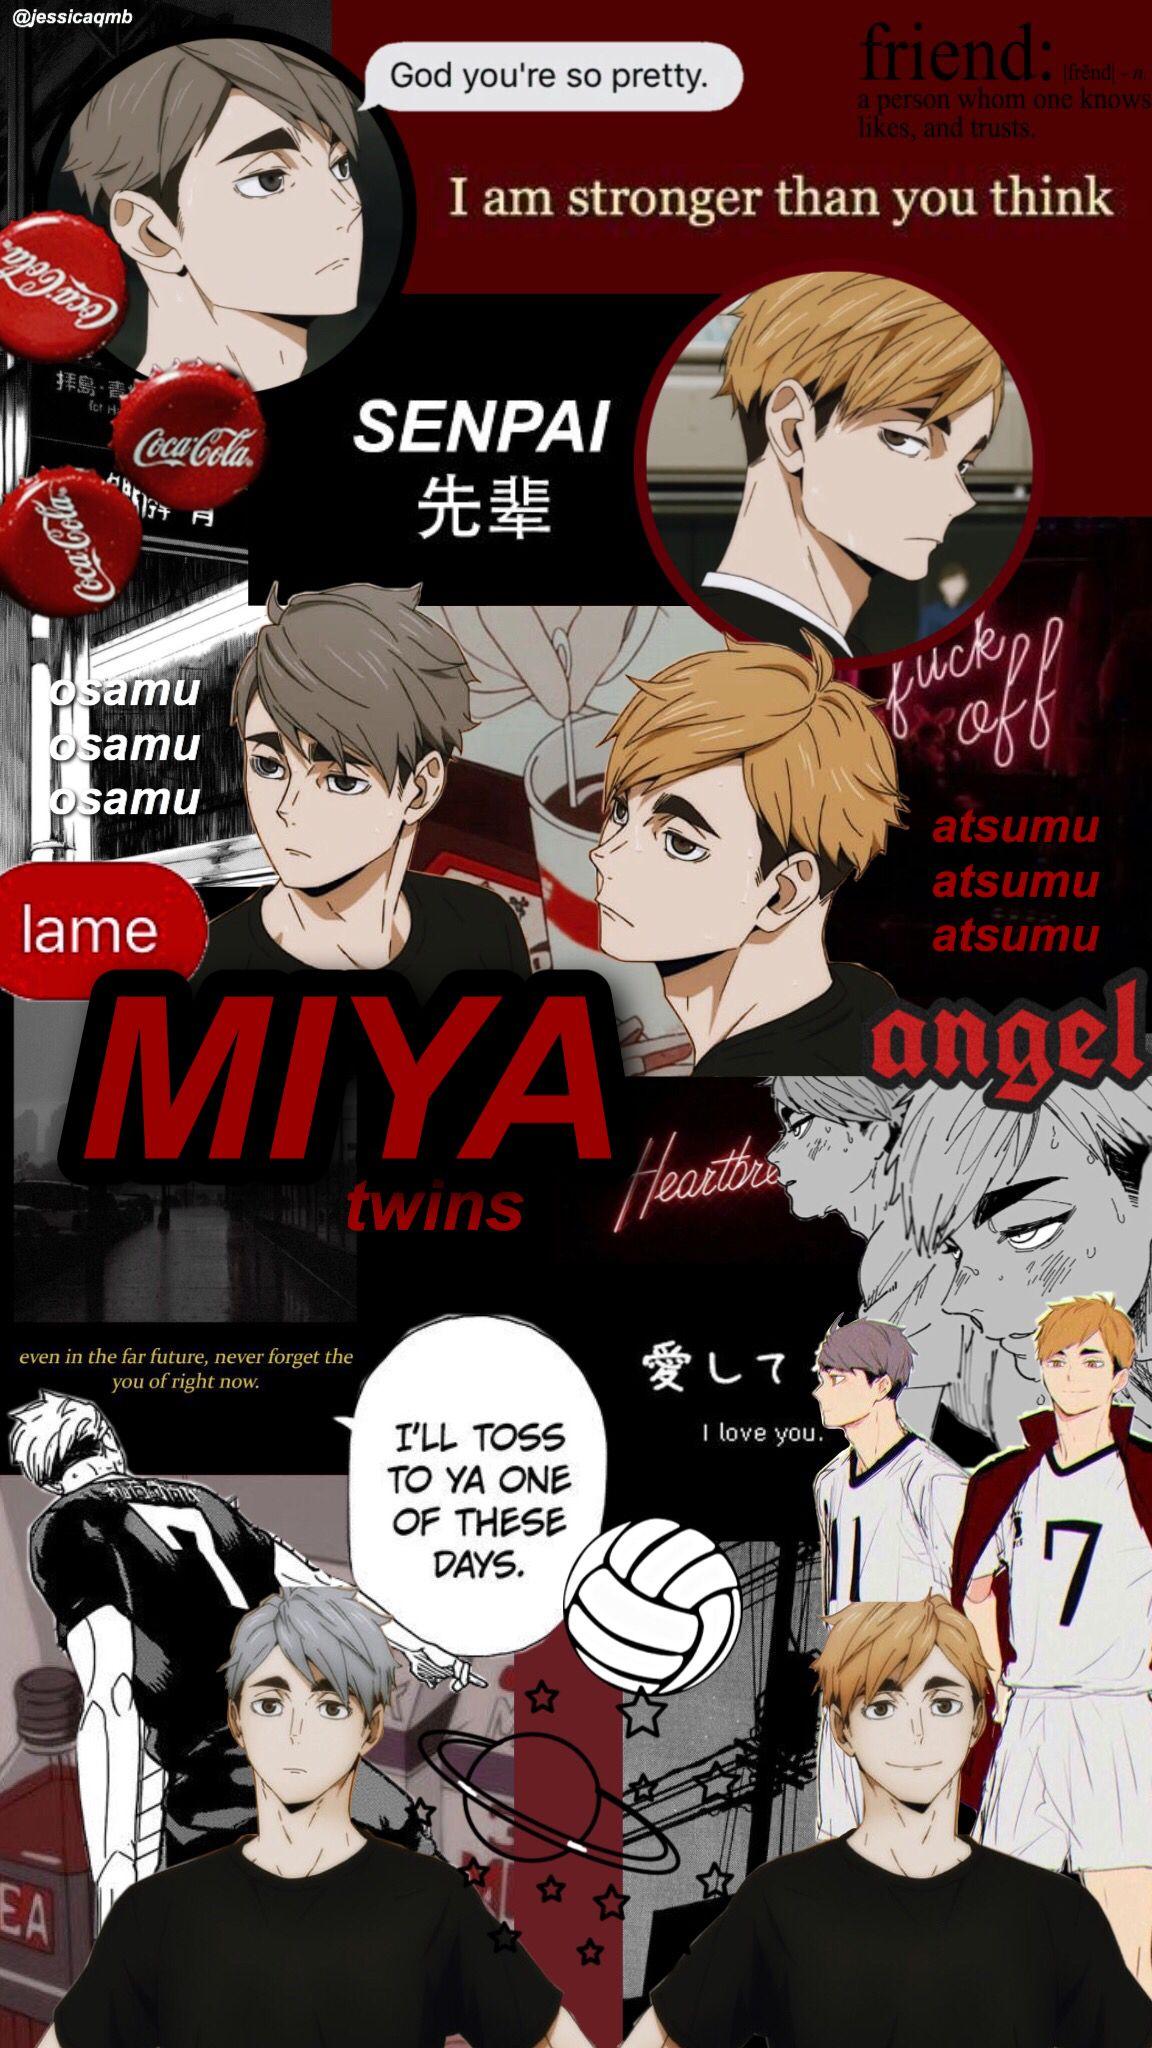 Miya Twins Aesthetic Haikyuu Wallpaper Haikyuu Wallpaper Haikyuu Anime Wallpaper Phone